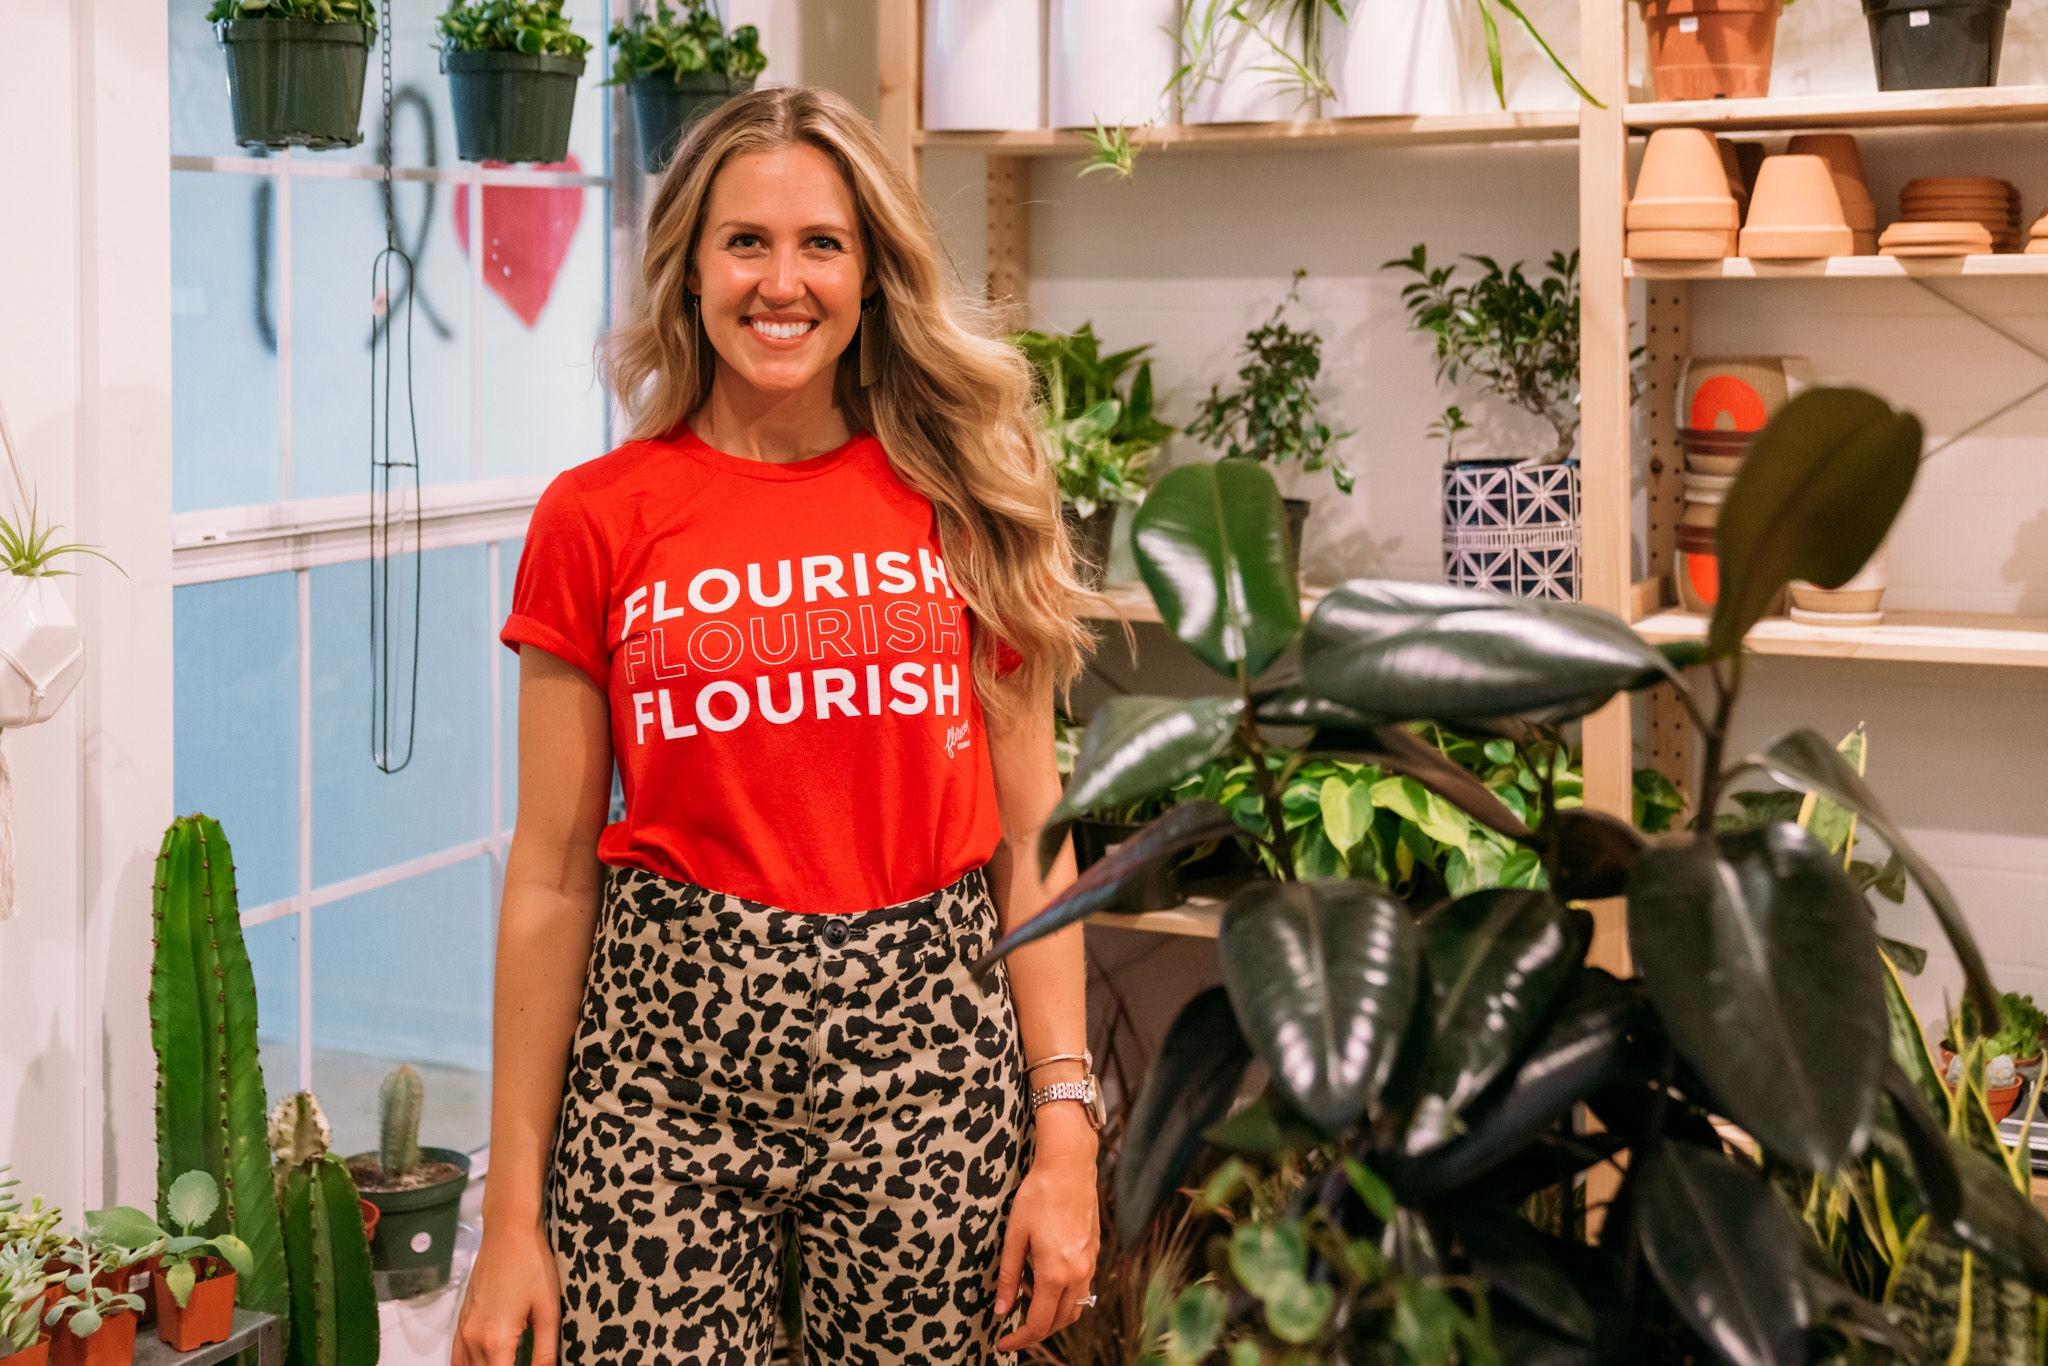 20190725-Florecer-Femme-Sip-N-Shop-AdrianGarcia-FOMASCine-_BR30406.jpg